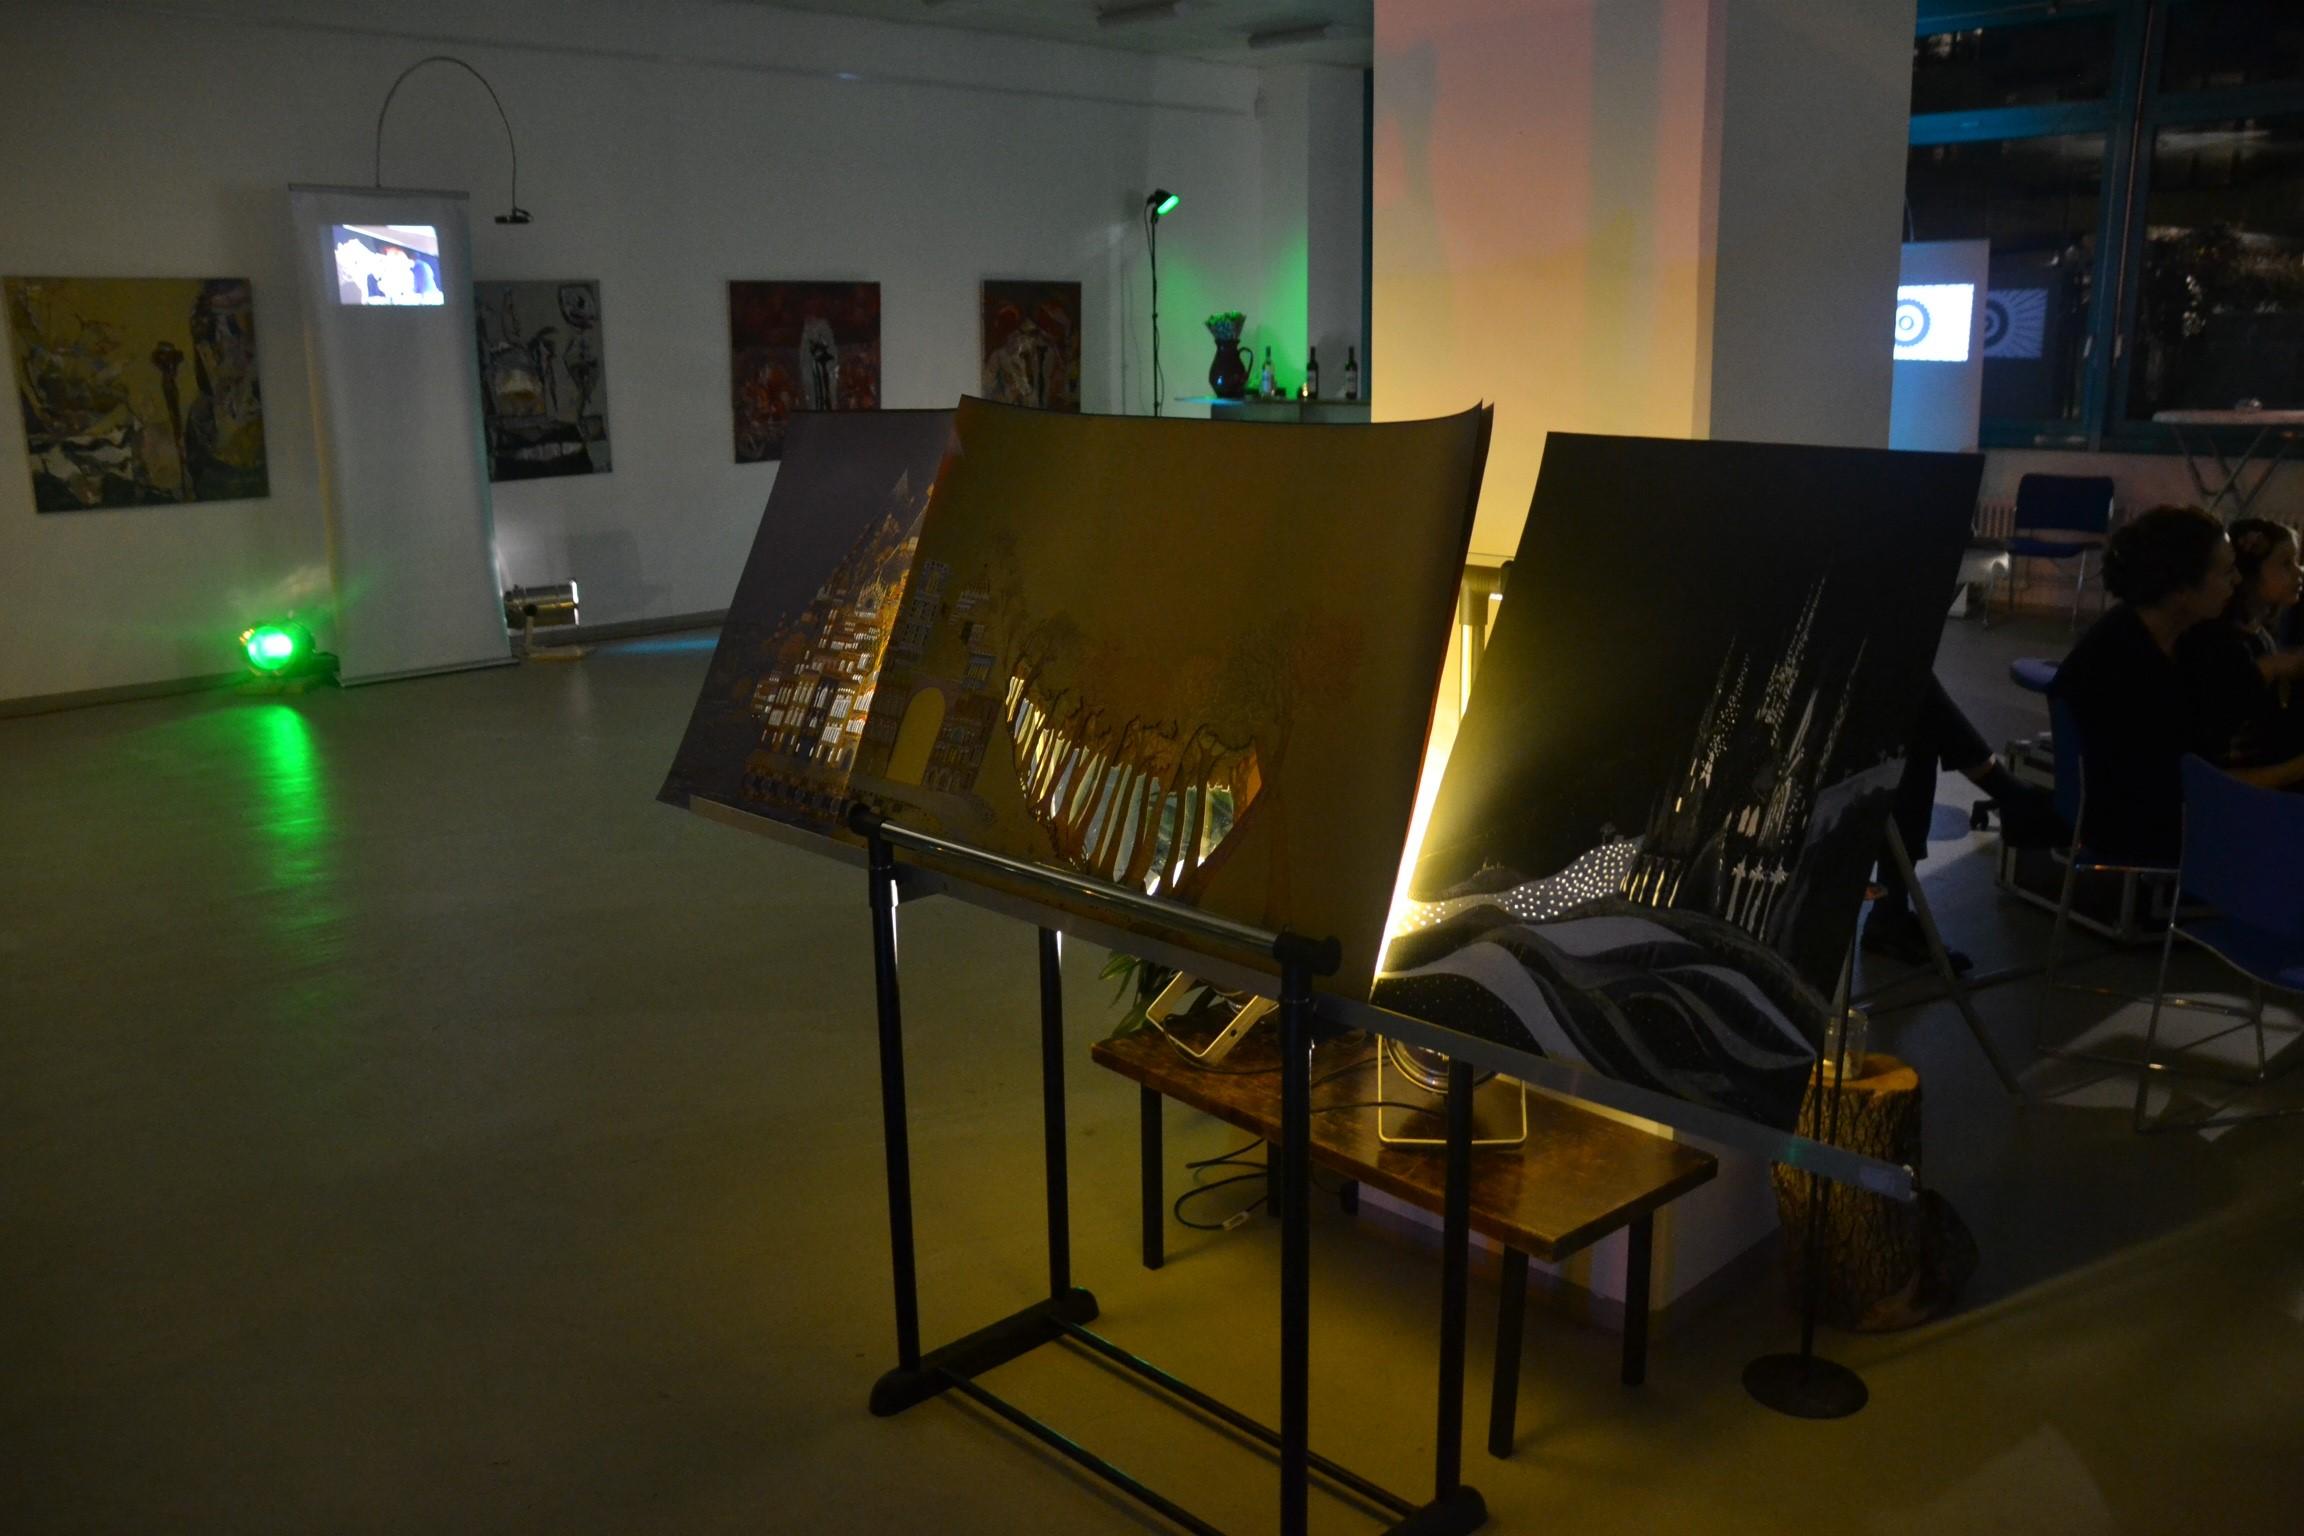 In der Galerie Quadrat waren die Kulissen zum Film ausgestellt.  / RBTH